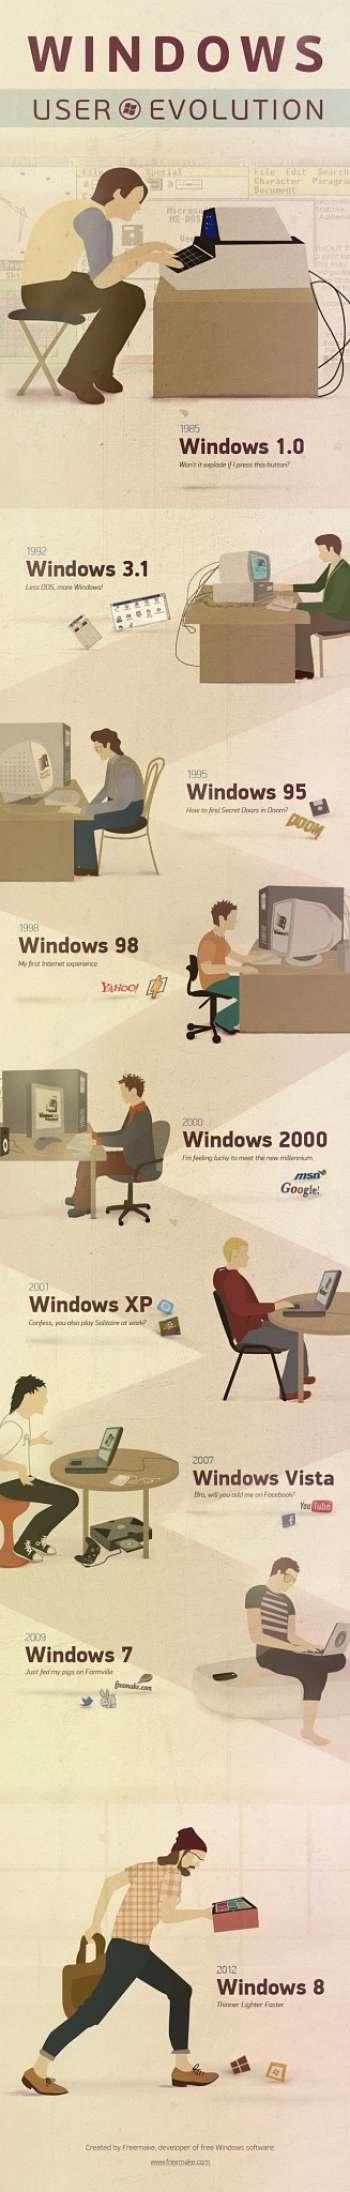 Actualidad Informática. Infografía: evolución de los usuarios del S.O. Windows. Rafael Barzanallana. UMU